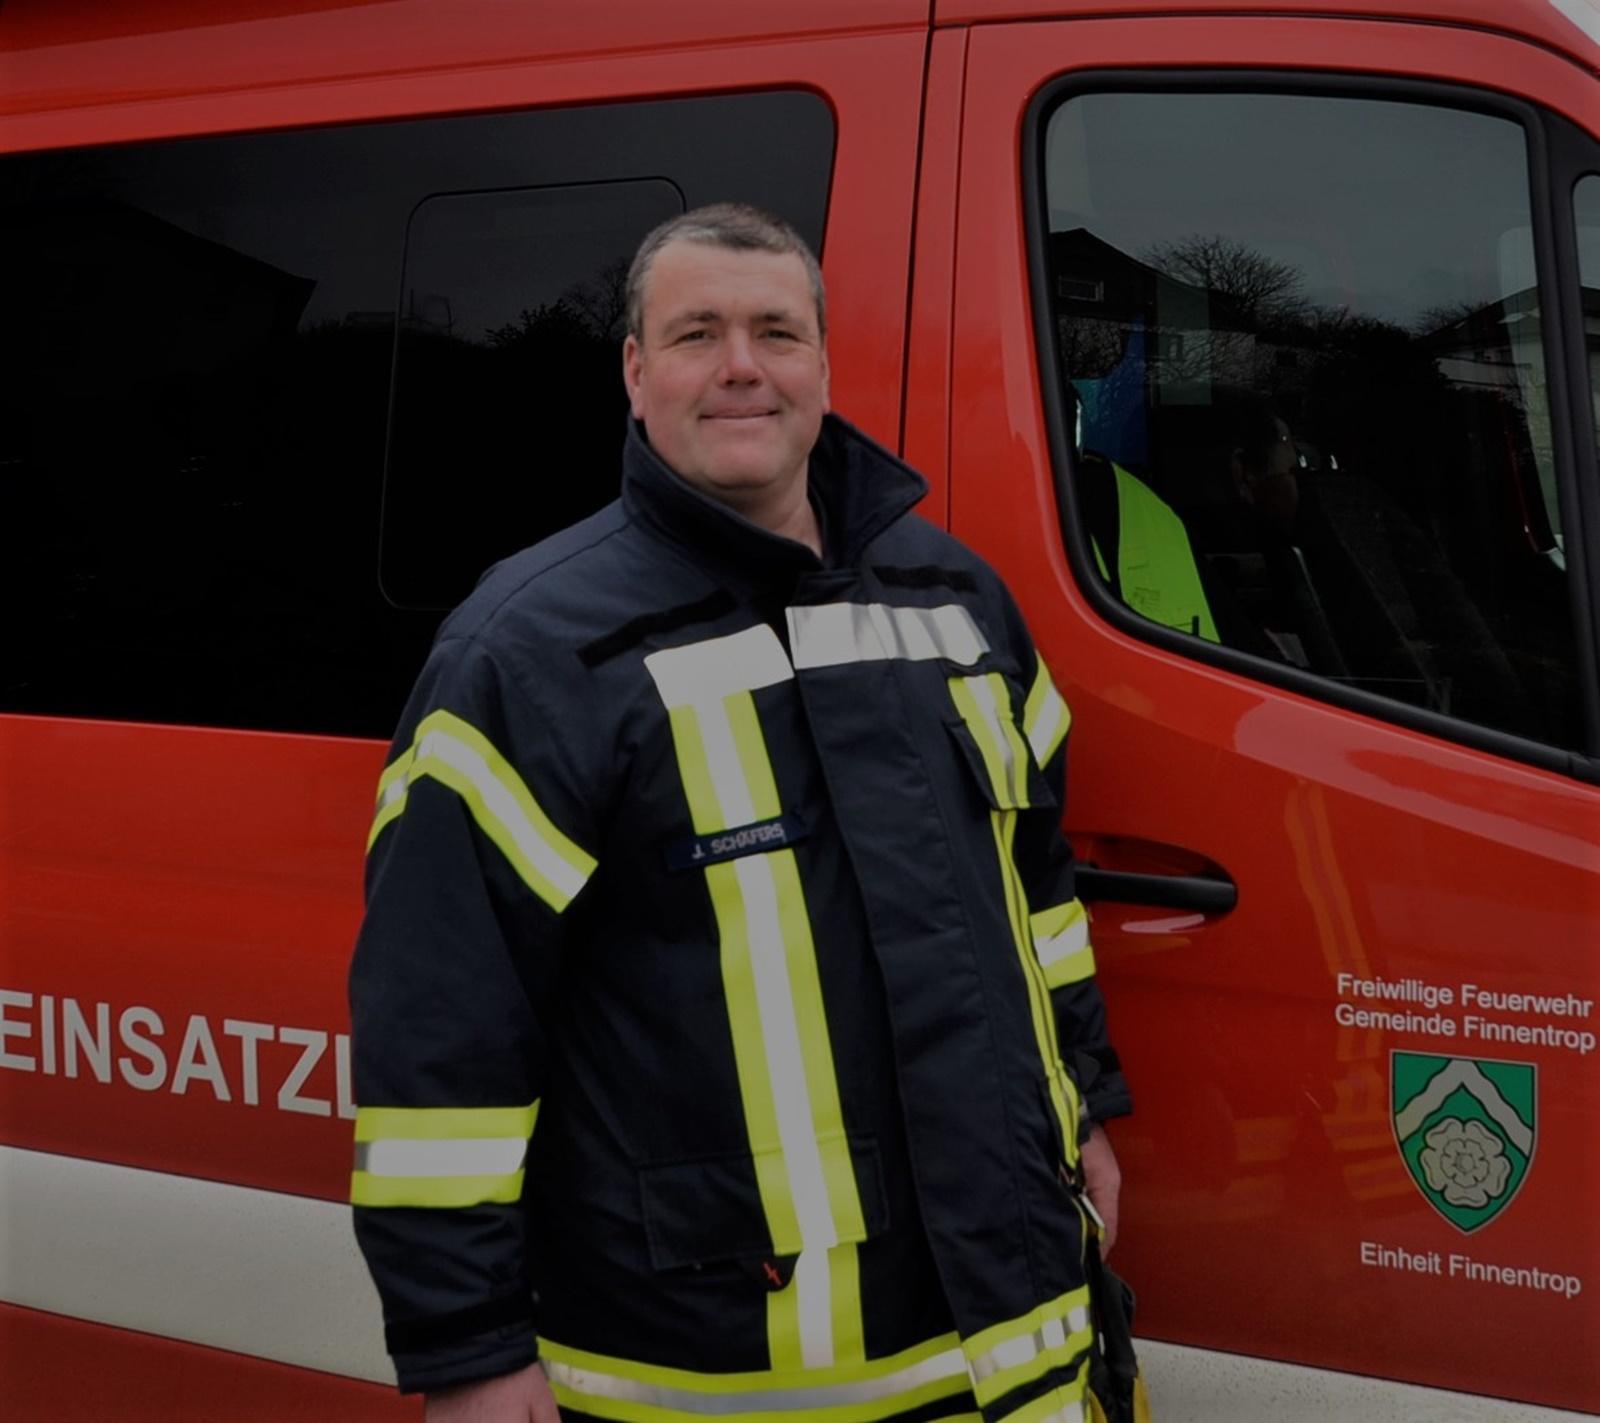 Jörg Schäfers